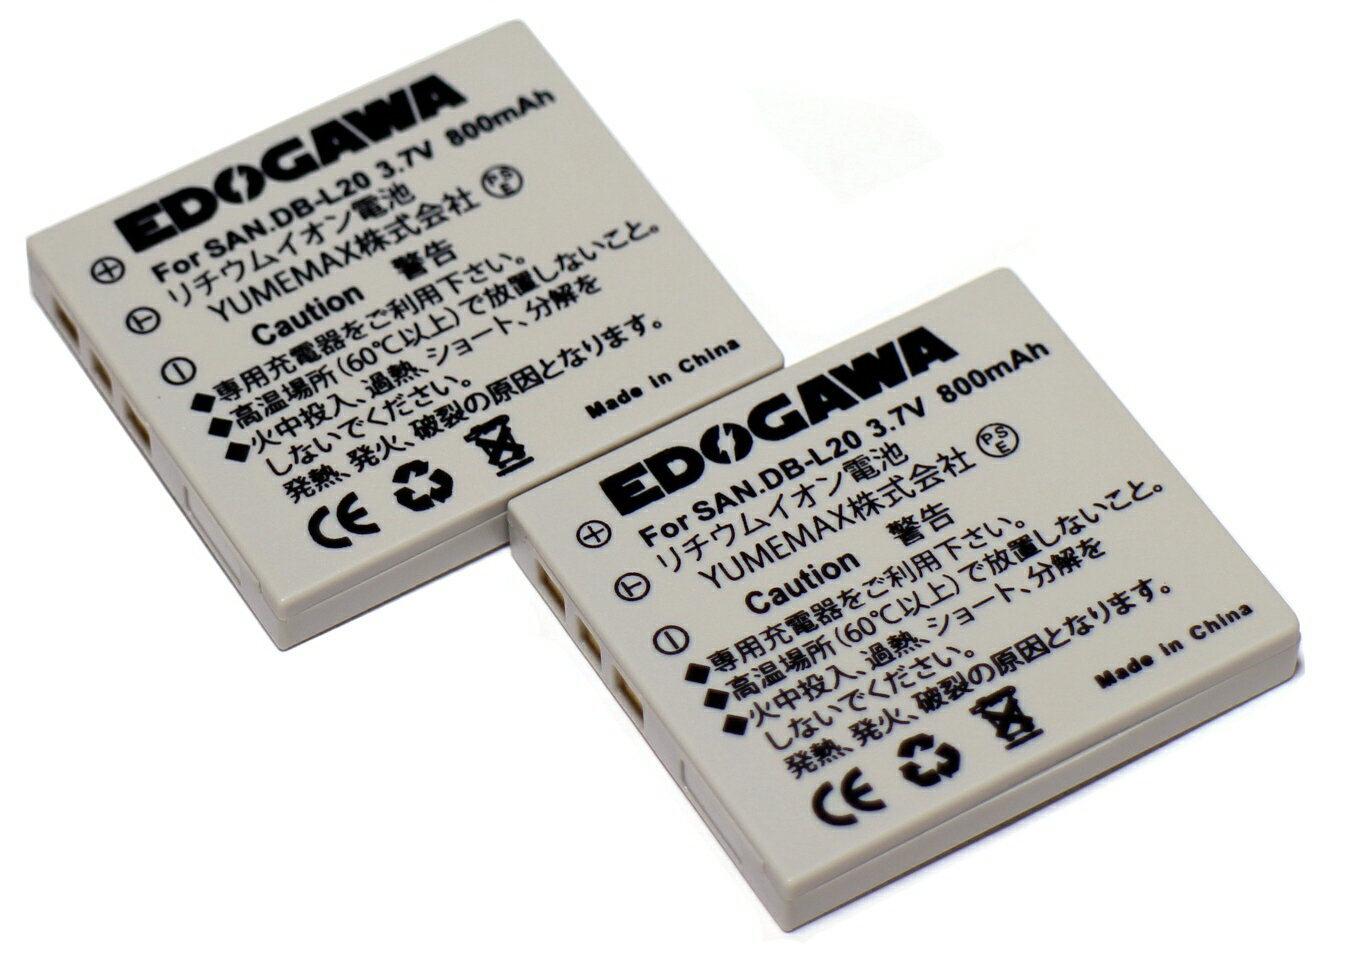 デジタルカメラ用アクセサリー, バッテリーパック EDOGAWA 2 SANYO DB-L20 (2XED-BAT)